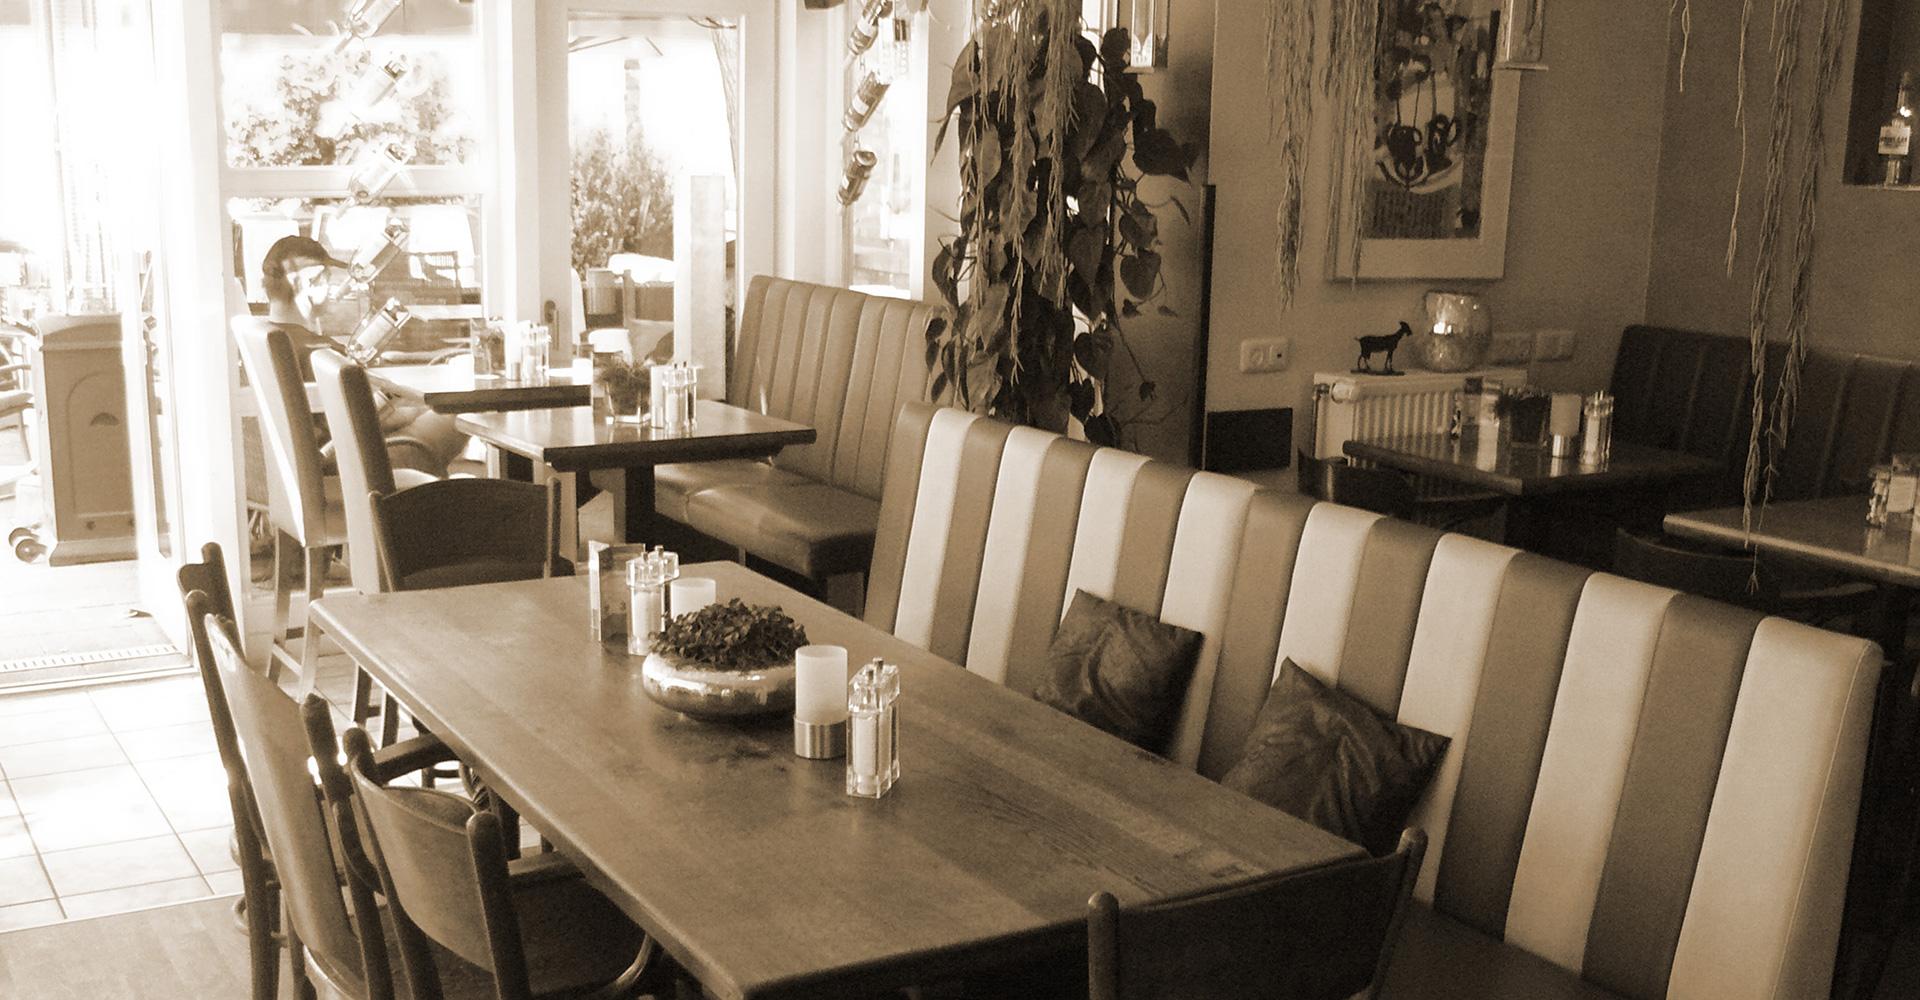 Cafe Zikke Bad Doberan